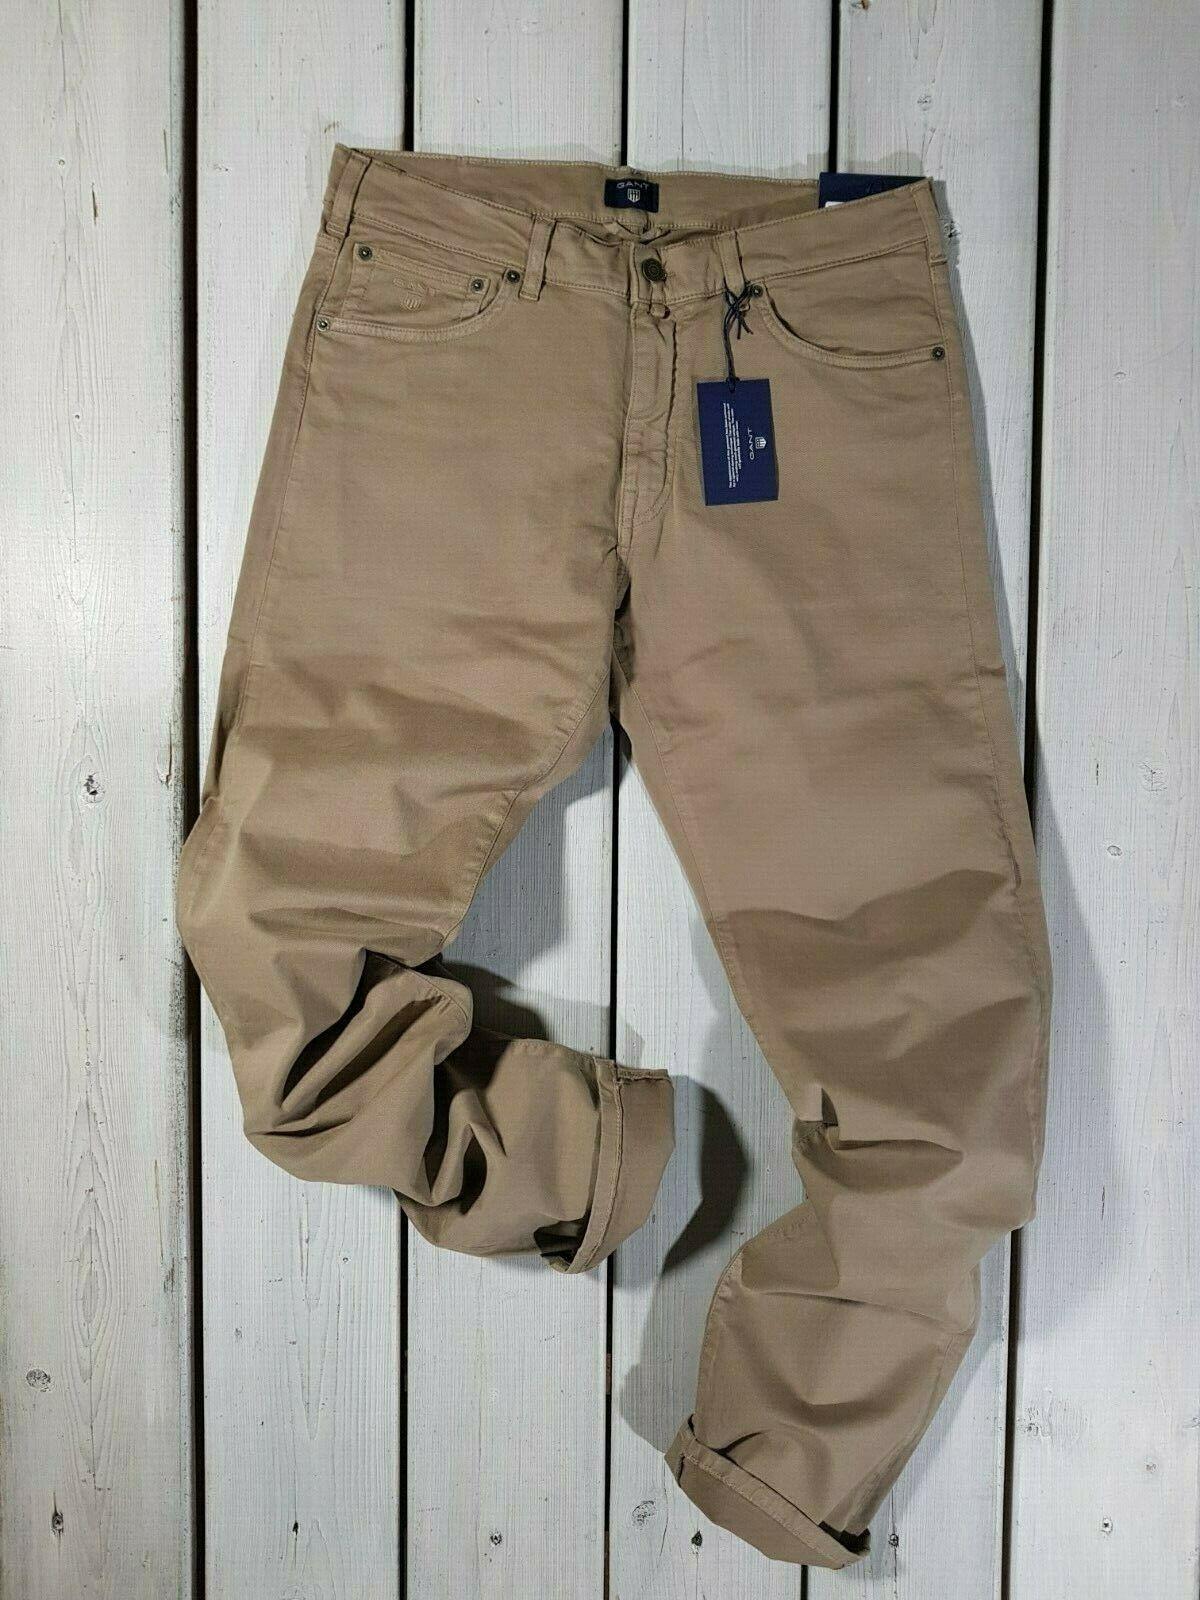 Neu Gant HERREN Jeans W33 L34 Wüste Braun Regelmäßige Gerade Stretch